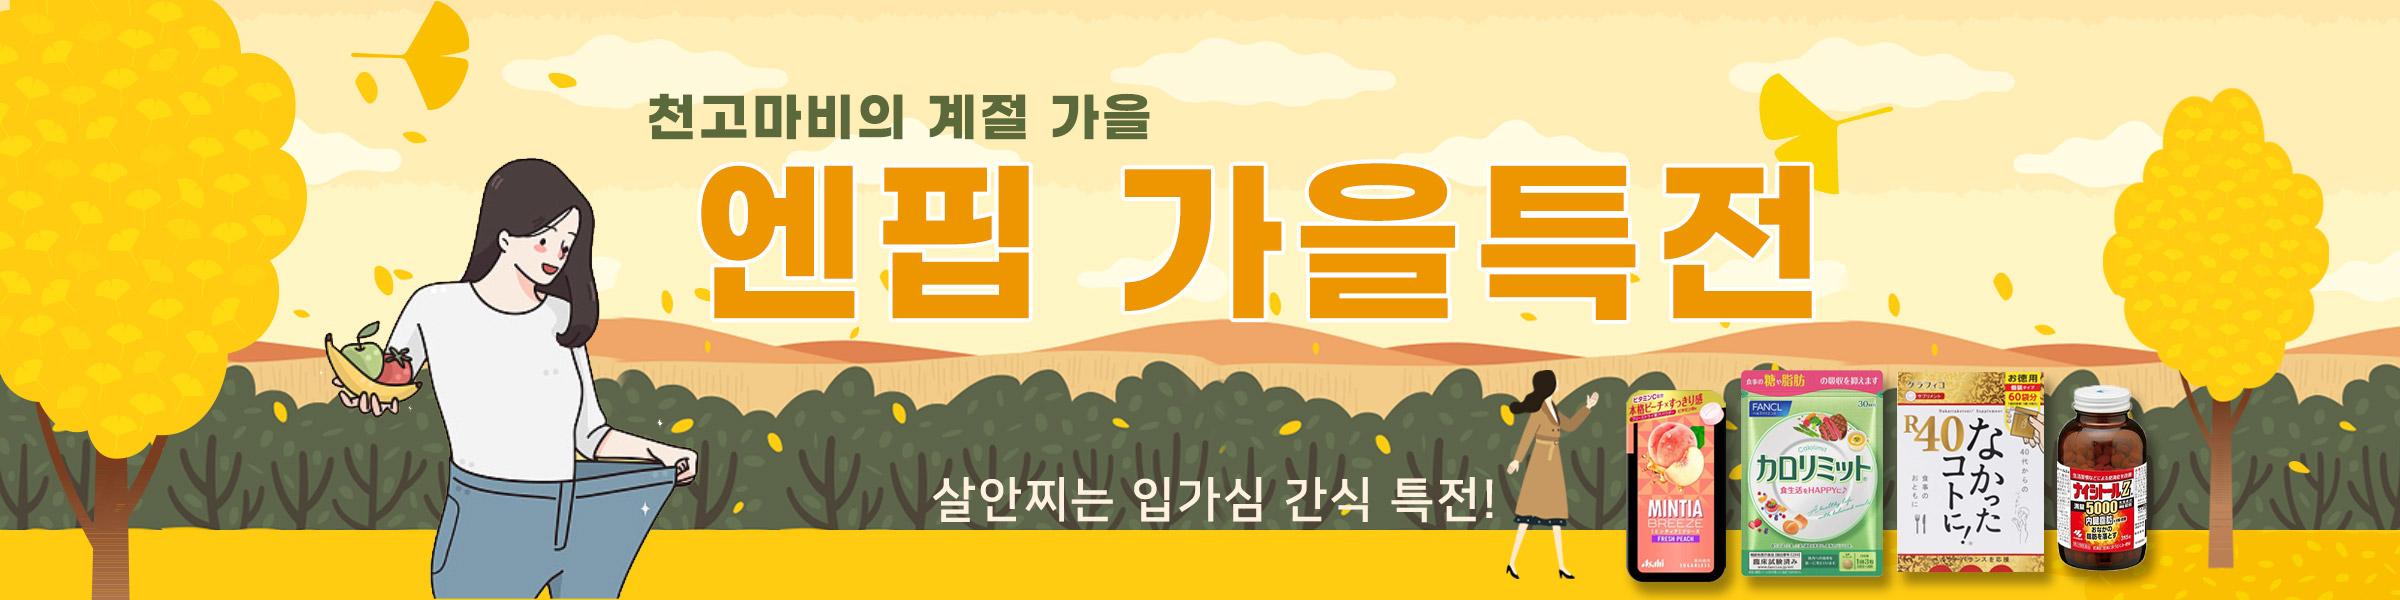 천고마비의 계절 살 안찌는 엔핍의 가을특전!